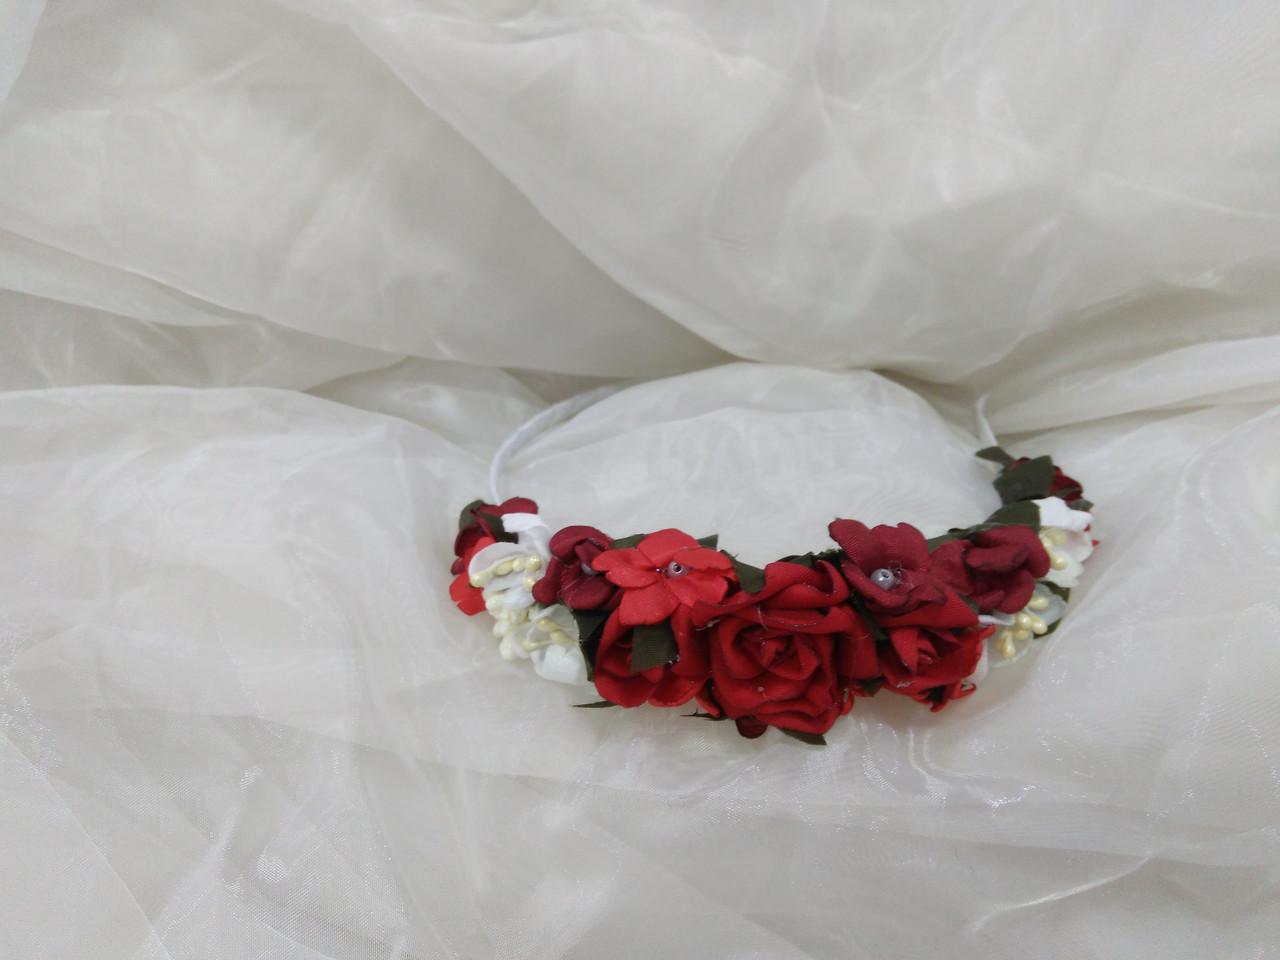 Обруч/вінок/ободок на голову з квітів червоний з білим для дорослих і дітей